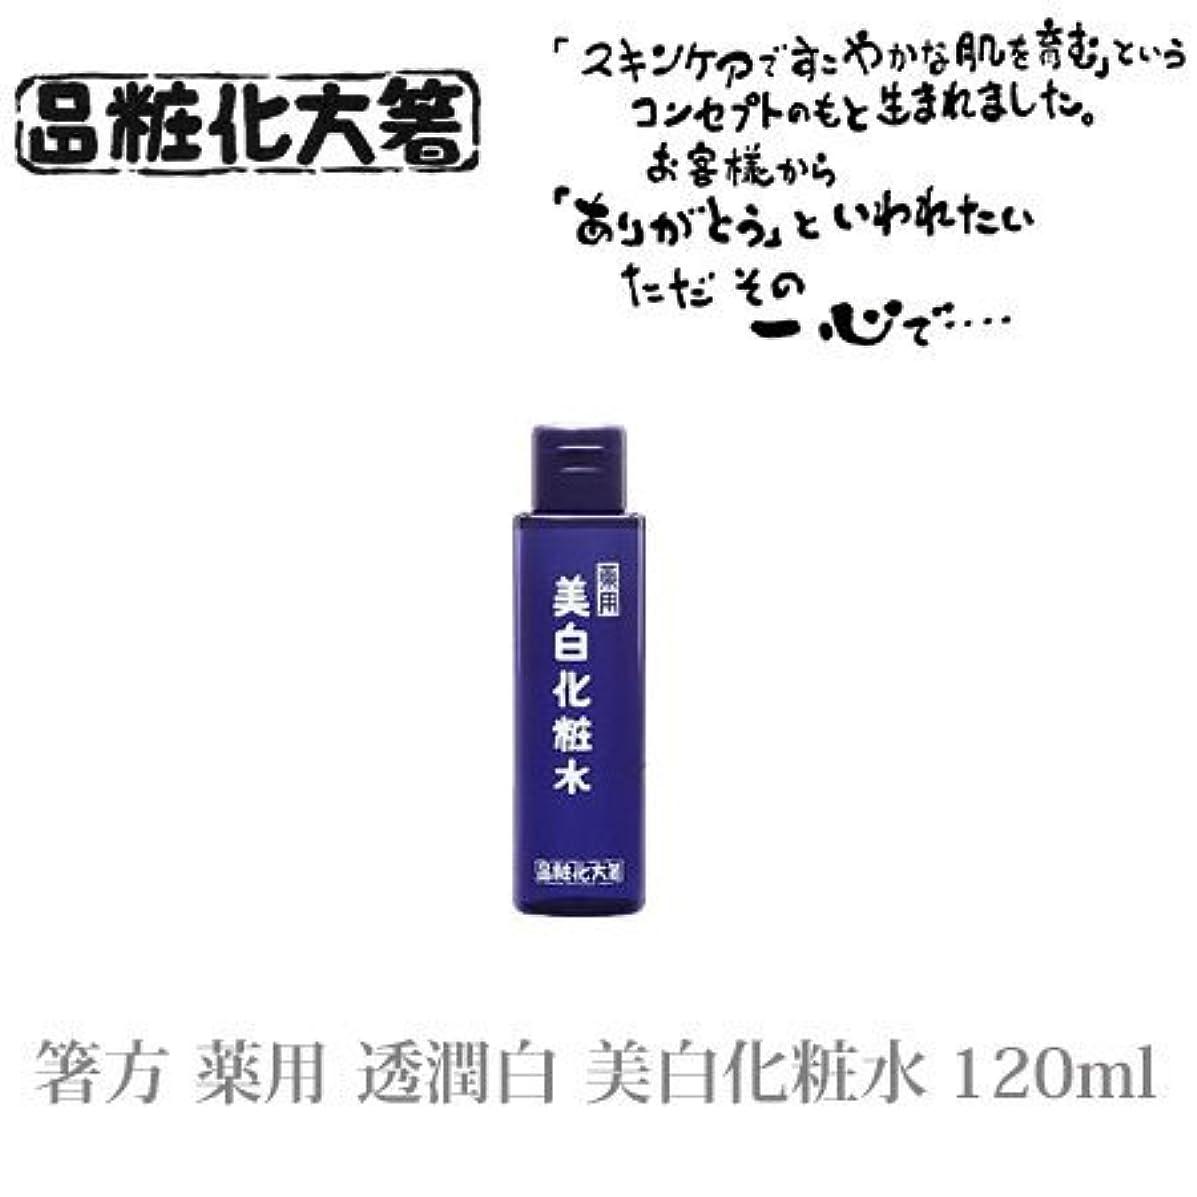 墓のりいじめっ子箸方化粧品 薬用 透潤白 美白化粧水 120ml はしかた化粧品